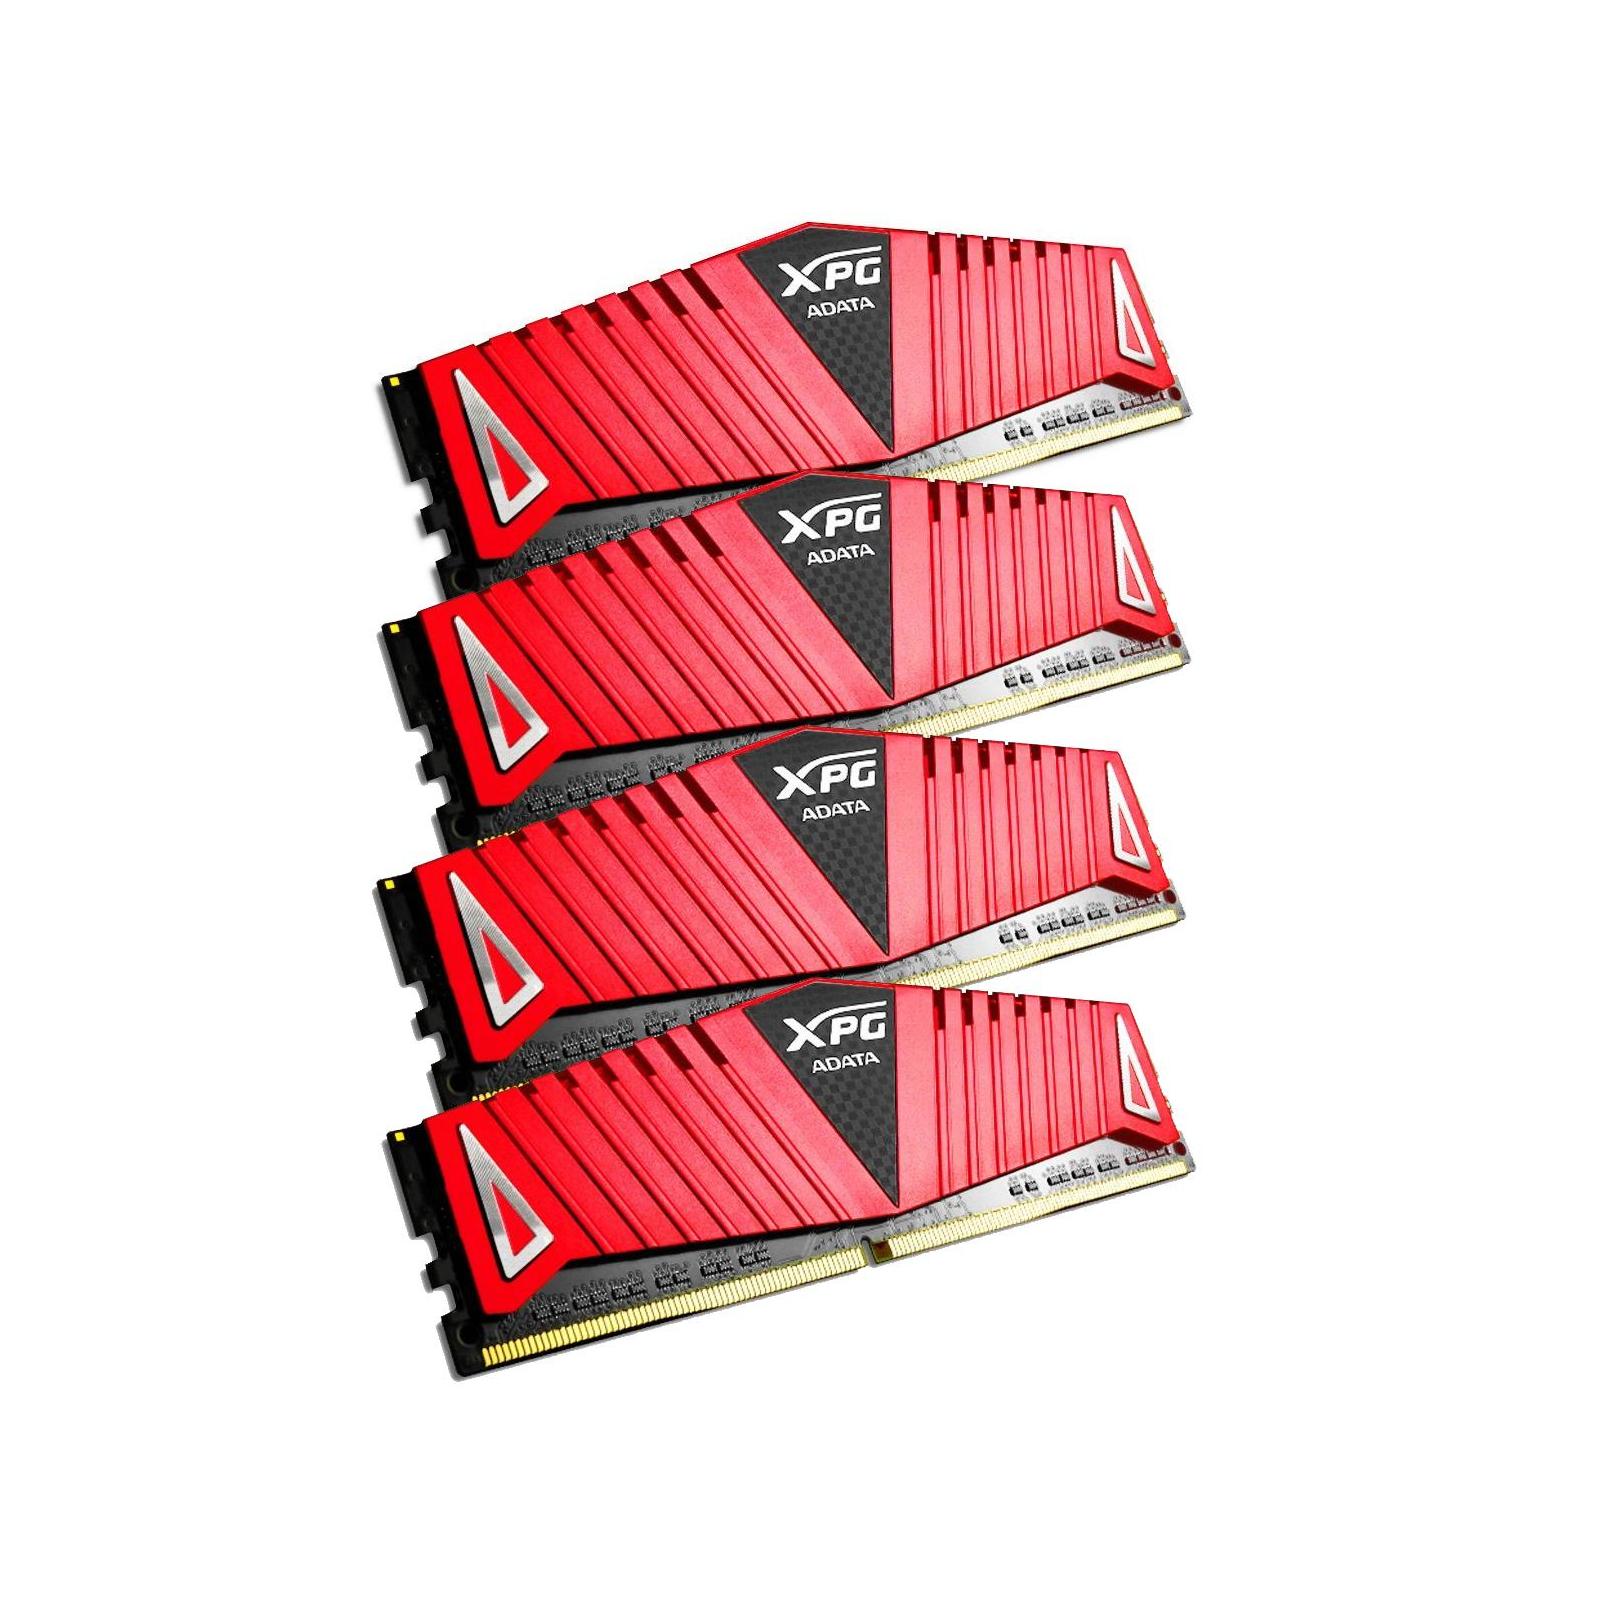 Модуль памяти для компьютера DDR4 32GB (4x8GB) 3600 MHz XPG Z1 Red ADATA (AX4U360038G17-QRZ1) изображение 2